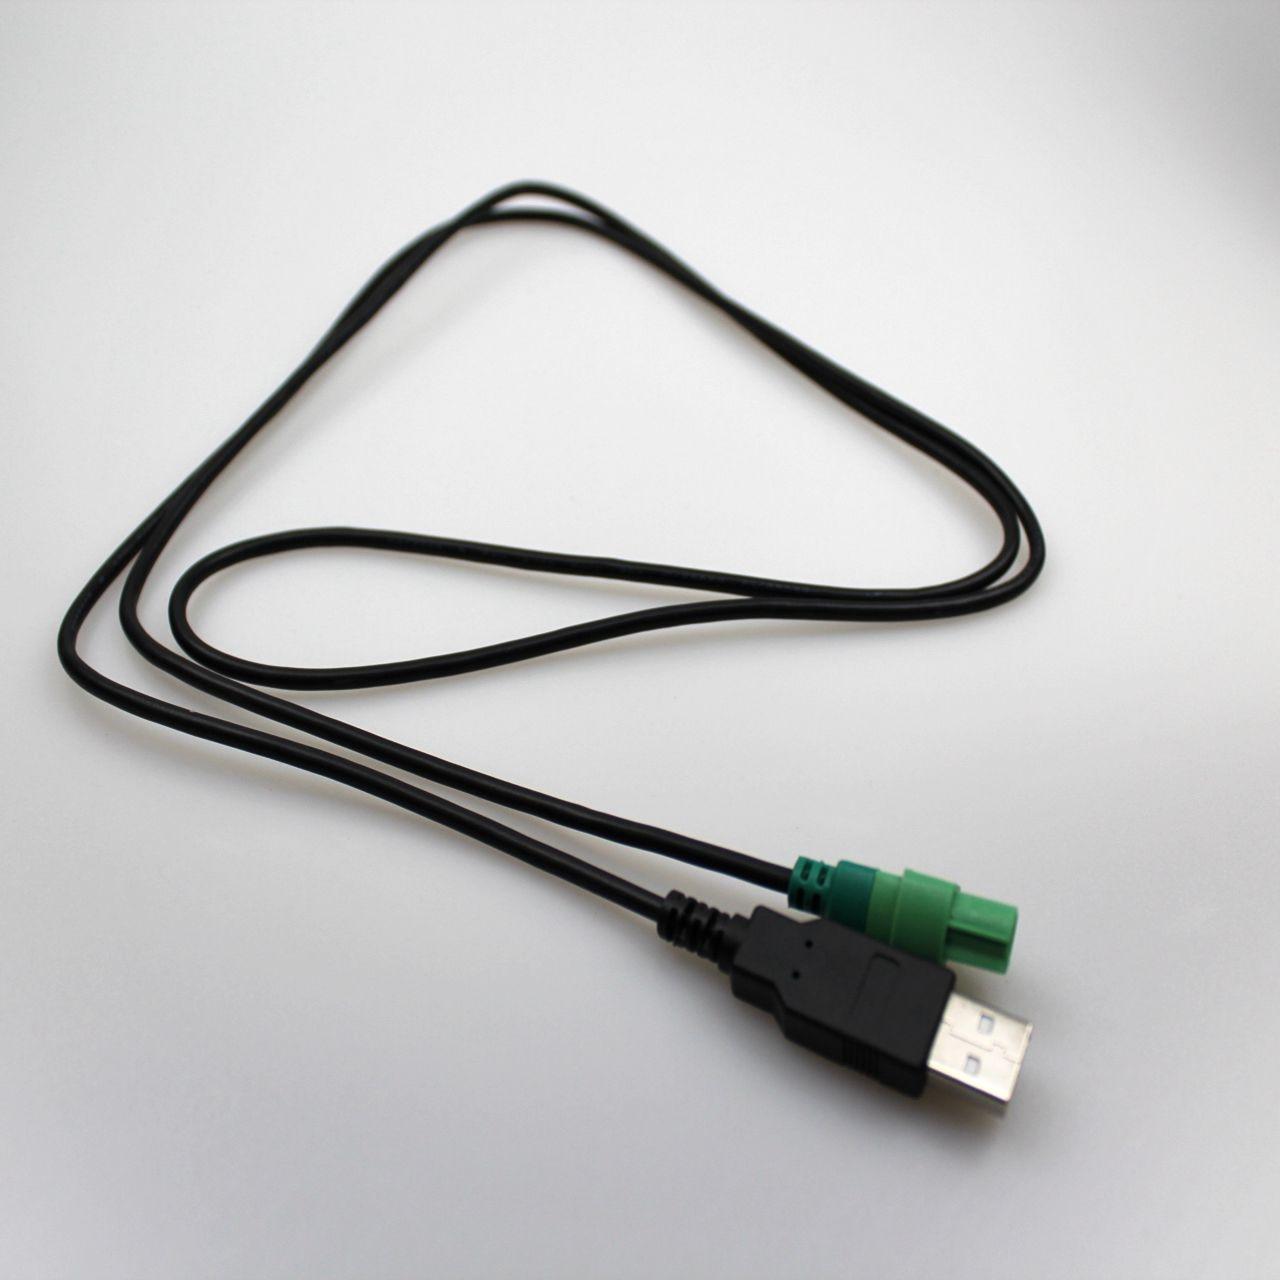 LARBLL նոր USB արական գլուխ 4 փին - Ավտոմեքենաների էլեկտրոնիկա - Լուսանկար 5